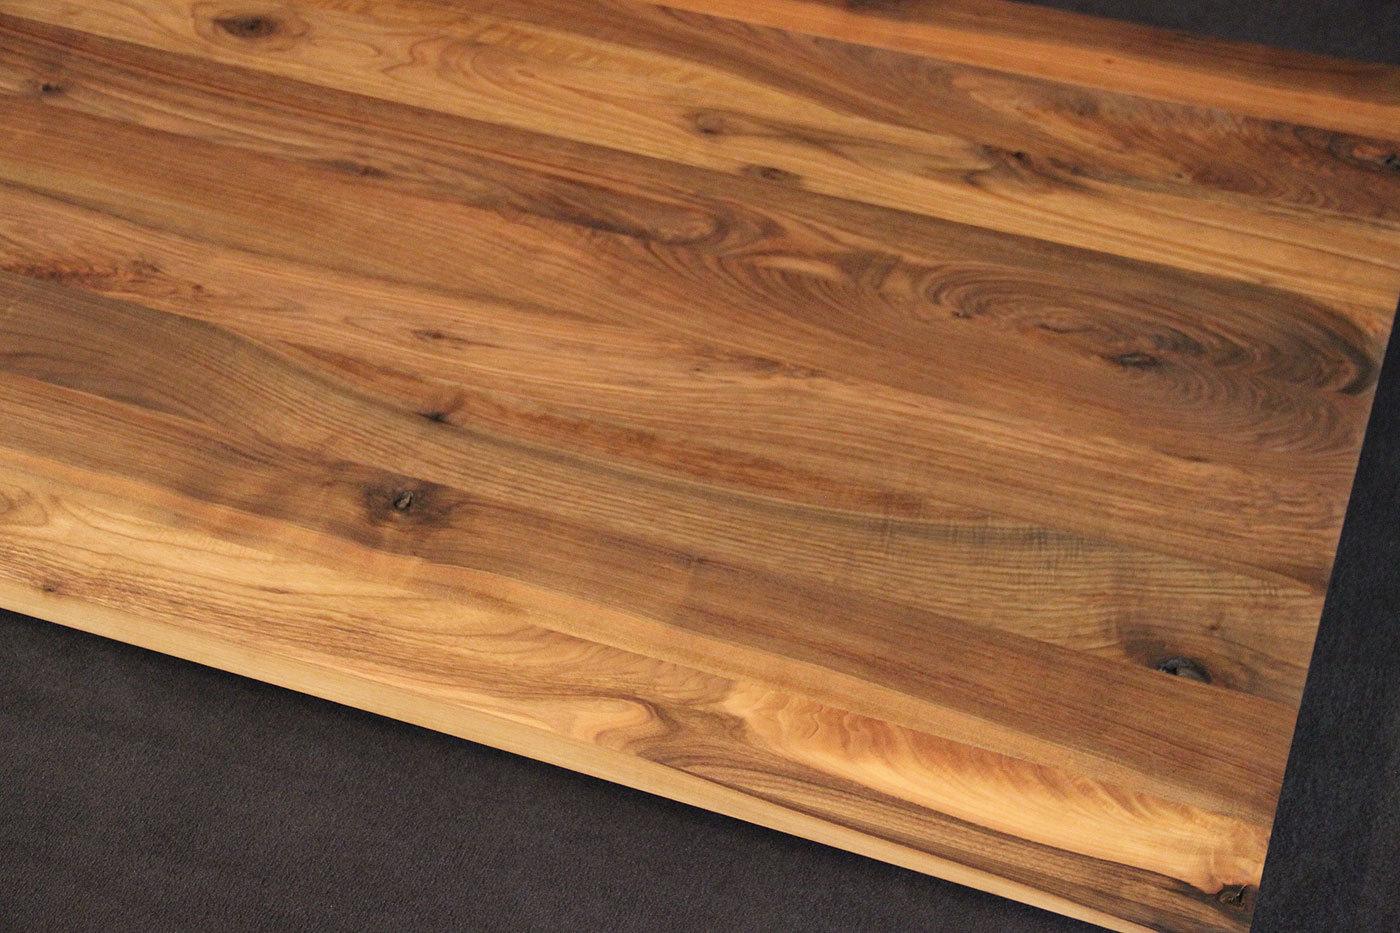 Tischplatte Massivholz Nussbaum ~ Tischplatte Massivholz Kaukasischer Nussbaum Rustikal ohne Splint DL